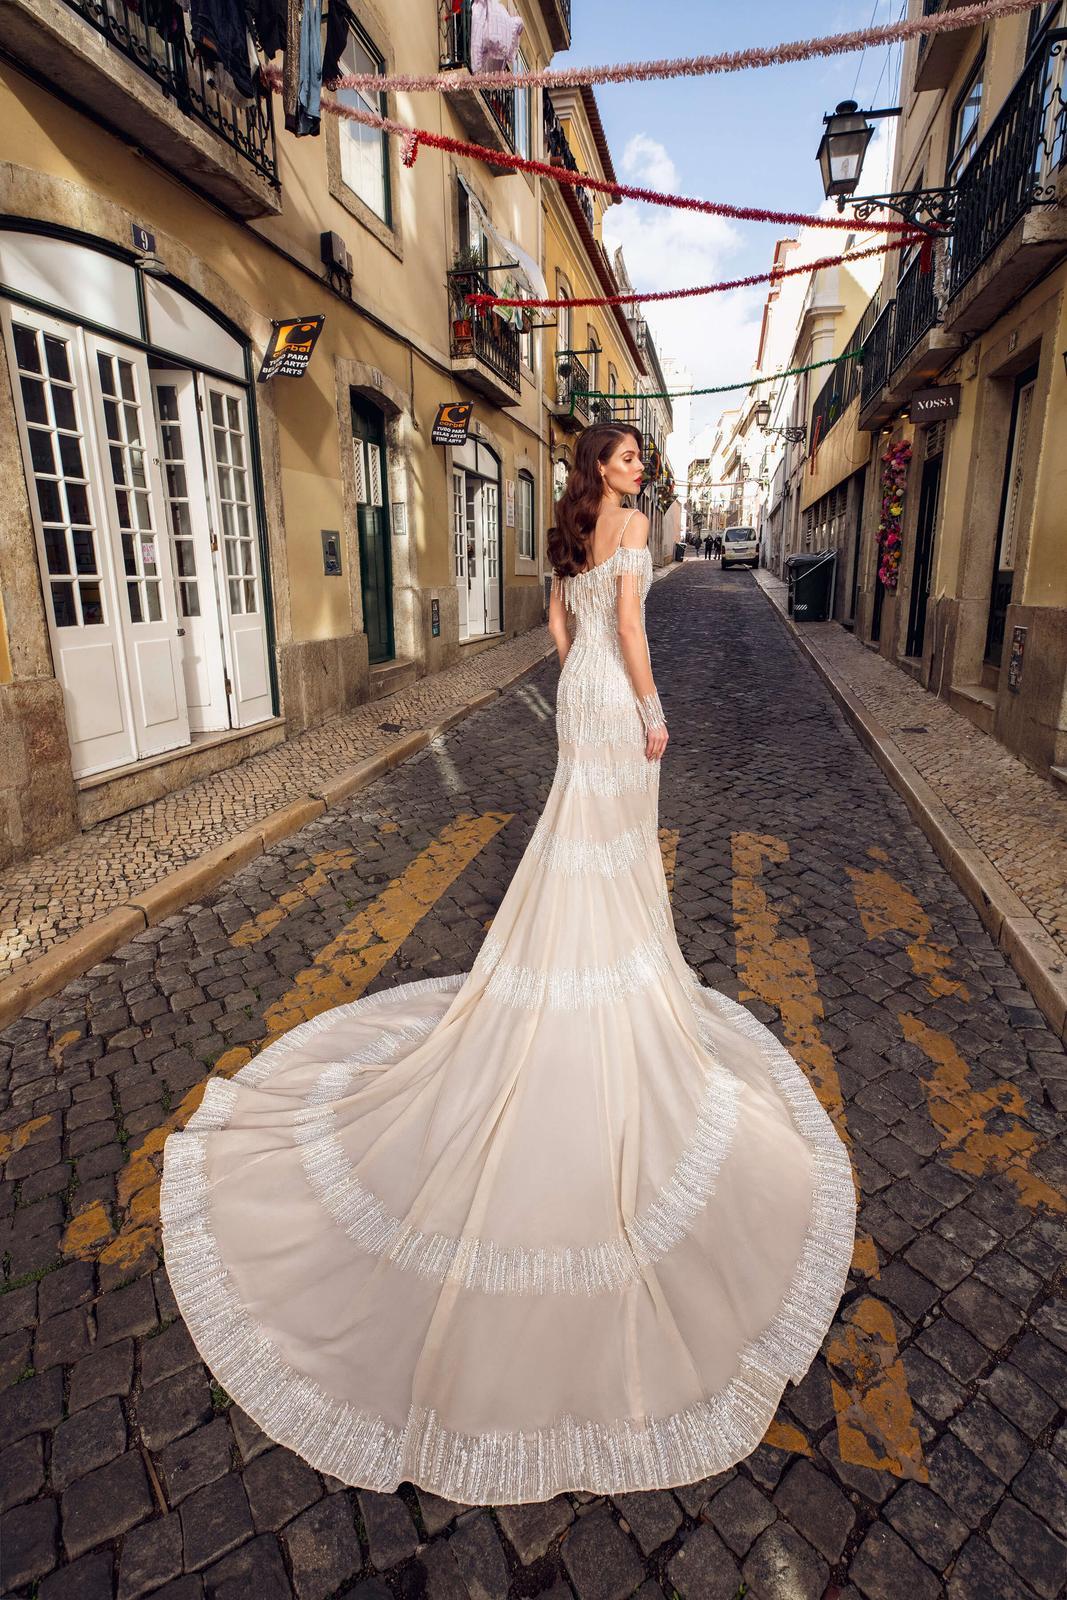 Innocentia Divina 2019 * Svadobné šaty z kolekcií na rok 2019 - Obrázok č. 15